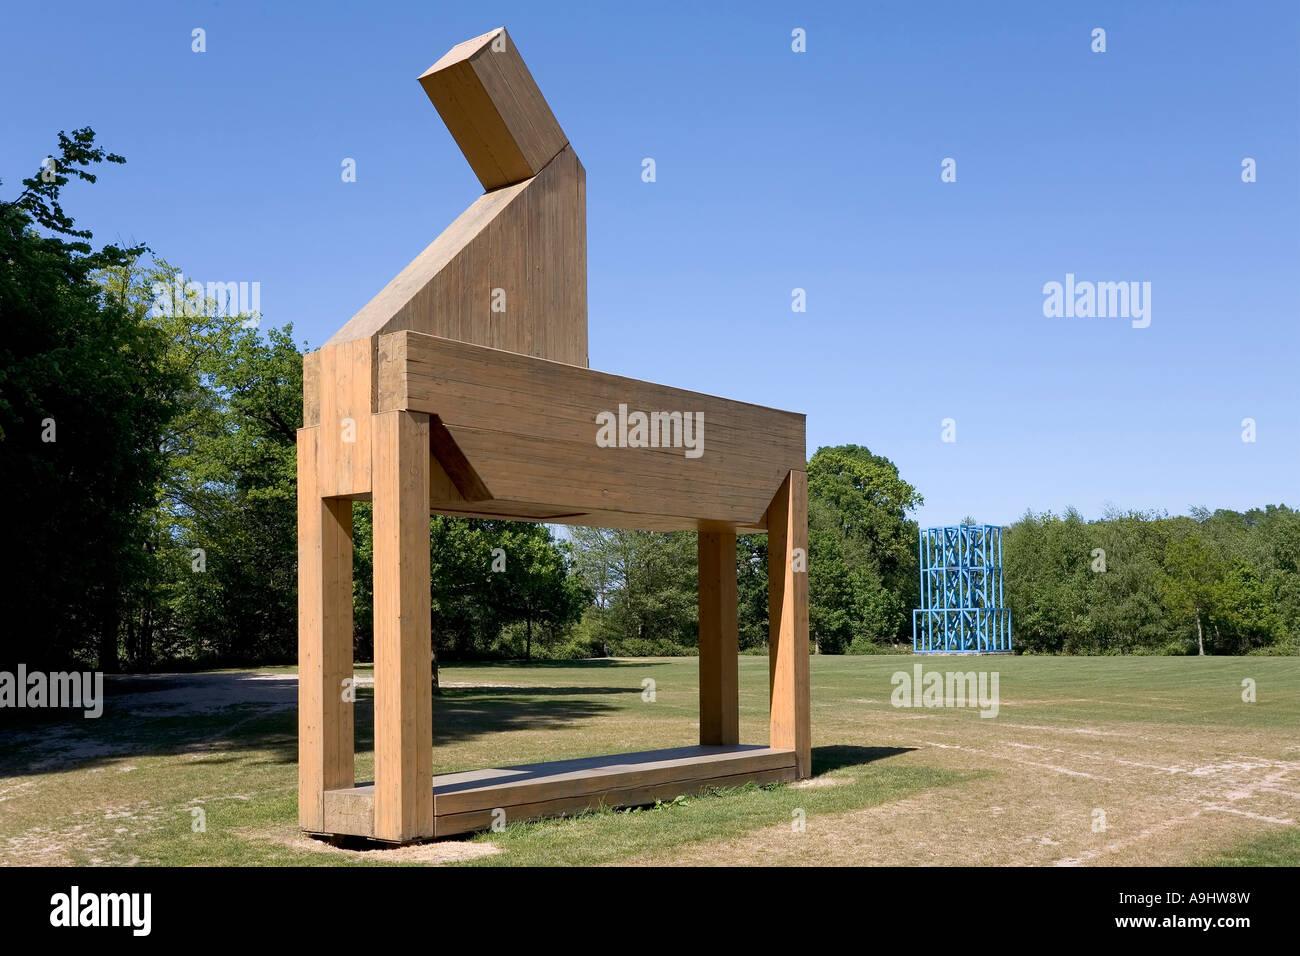 Cheval de bois, objet d'art, sculpture park château moyland, bedburg hau, Kleve, NRW, Allemagne Photo Stock